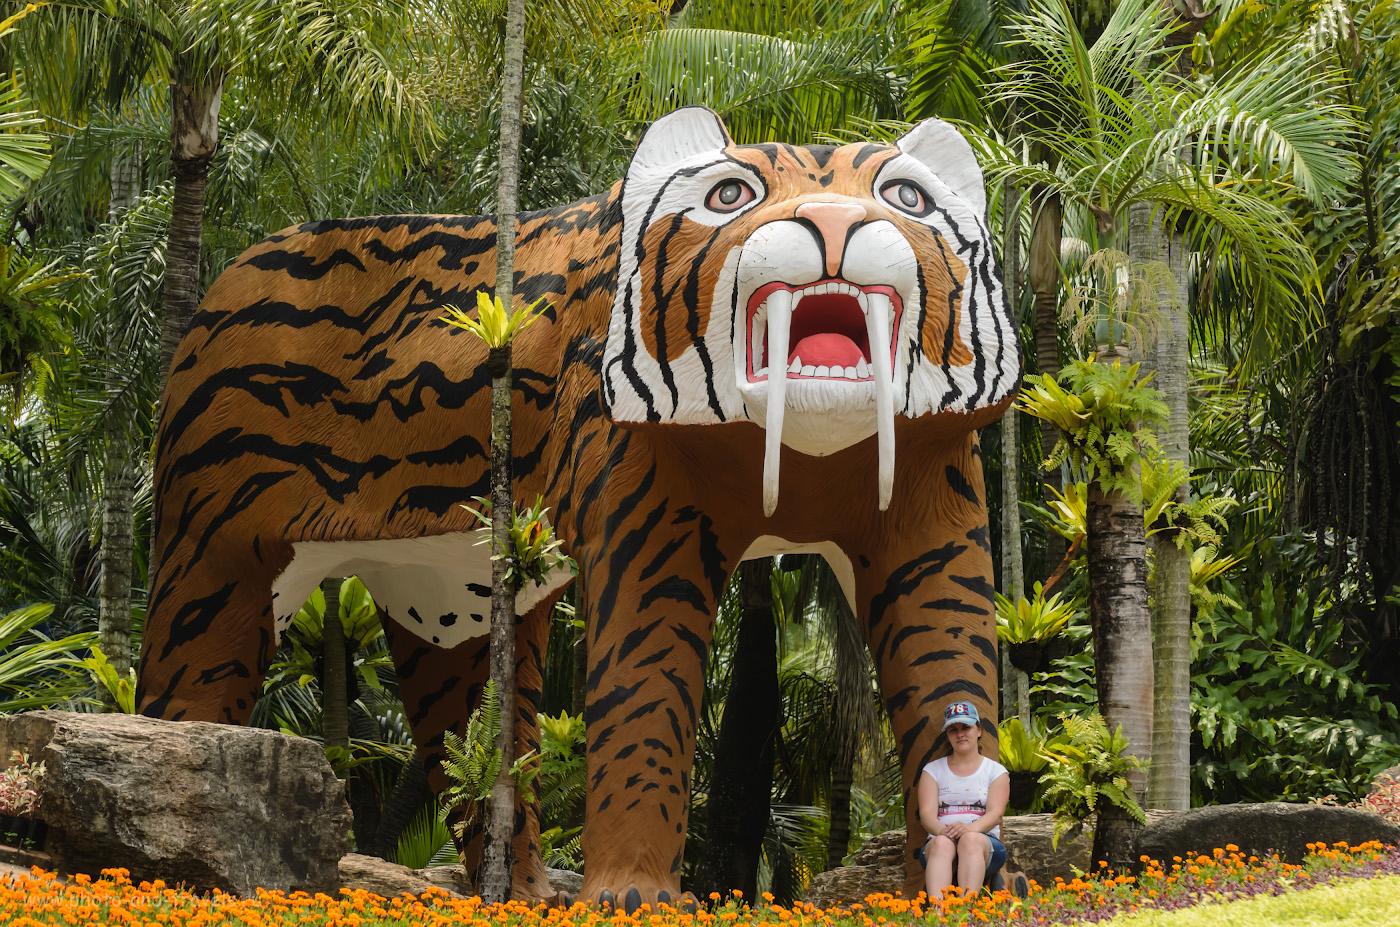 14.Саблезубый тигр в зверинце Нонг Нуч (Nongnooch). Что интересного можно посетить в Паттайе. Отдых в Таиланде самостоятельно. Камера Nikon D5100 с объективом Nikon 70-300mm f/4.5-5.6G. Настройки: 1/1000 сек, 0 eV, приоритет диафрагмы, f/5, 135 мм, ISO 500.